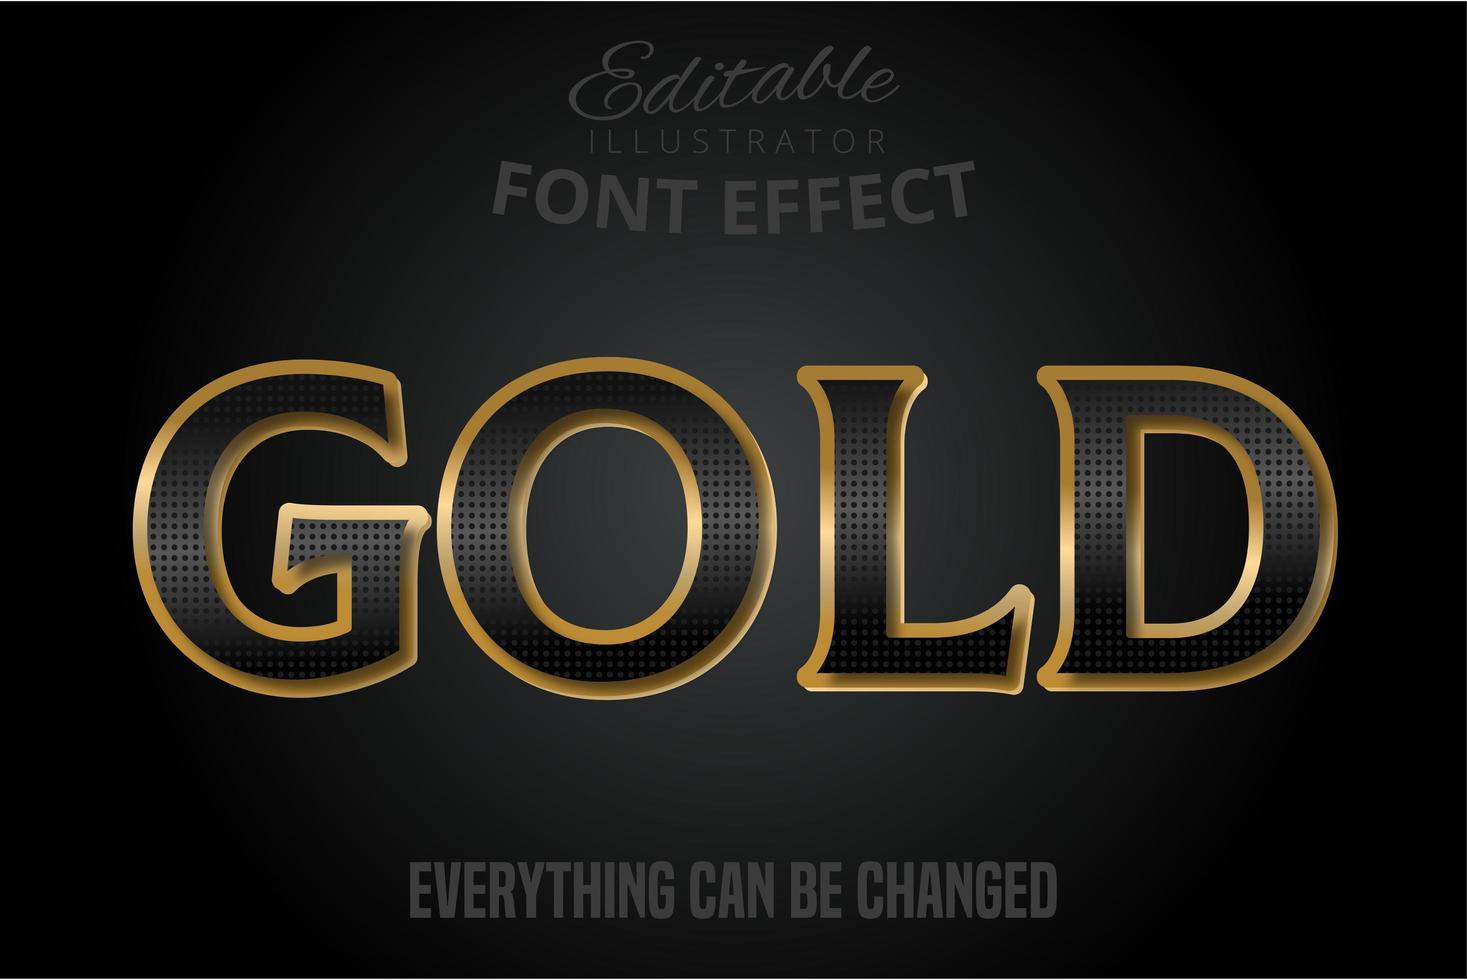 effet de texte motif noir avec extrusion d'or vecteur